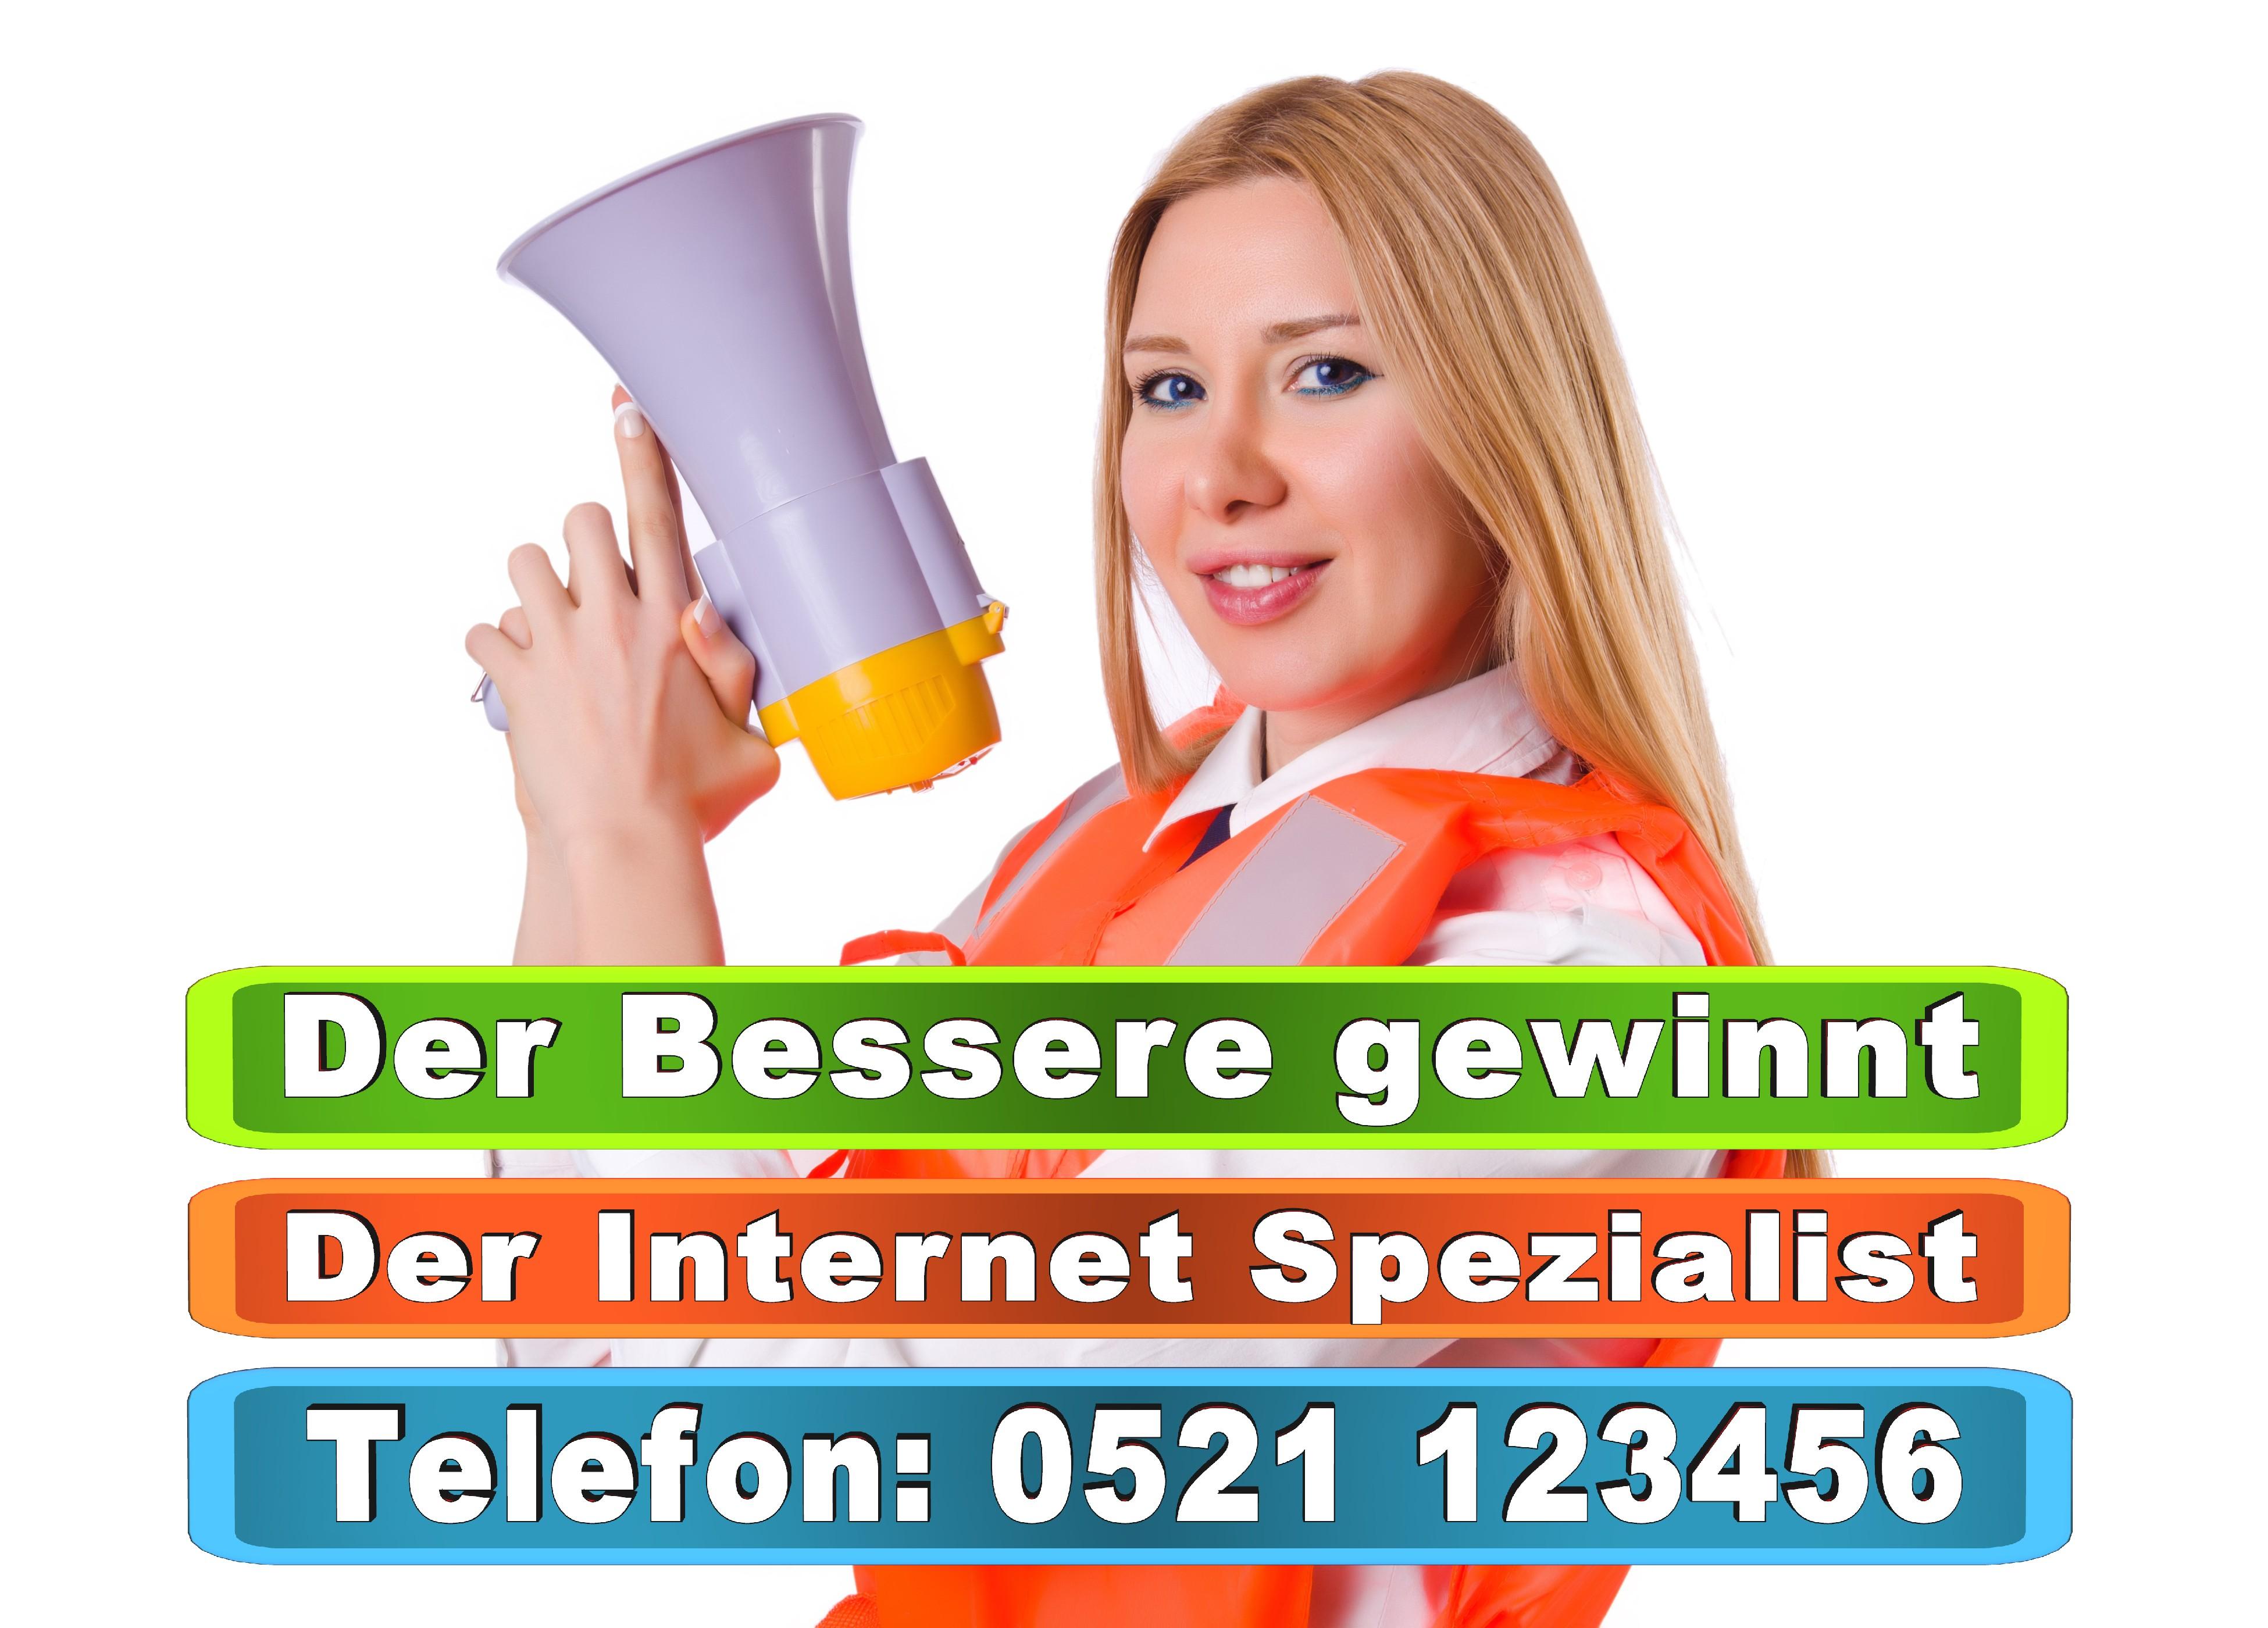 Mietwohnungen Bielefeld Häuser Immobilien Bielefeld Grundstücke Bielefeld Mischgebiet Bielefeld Hotel Gastwirtschaft Unterkunft Studentenwohnheim (13)